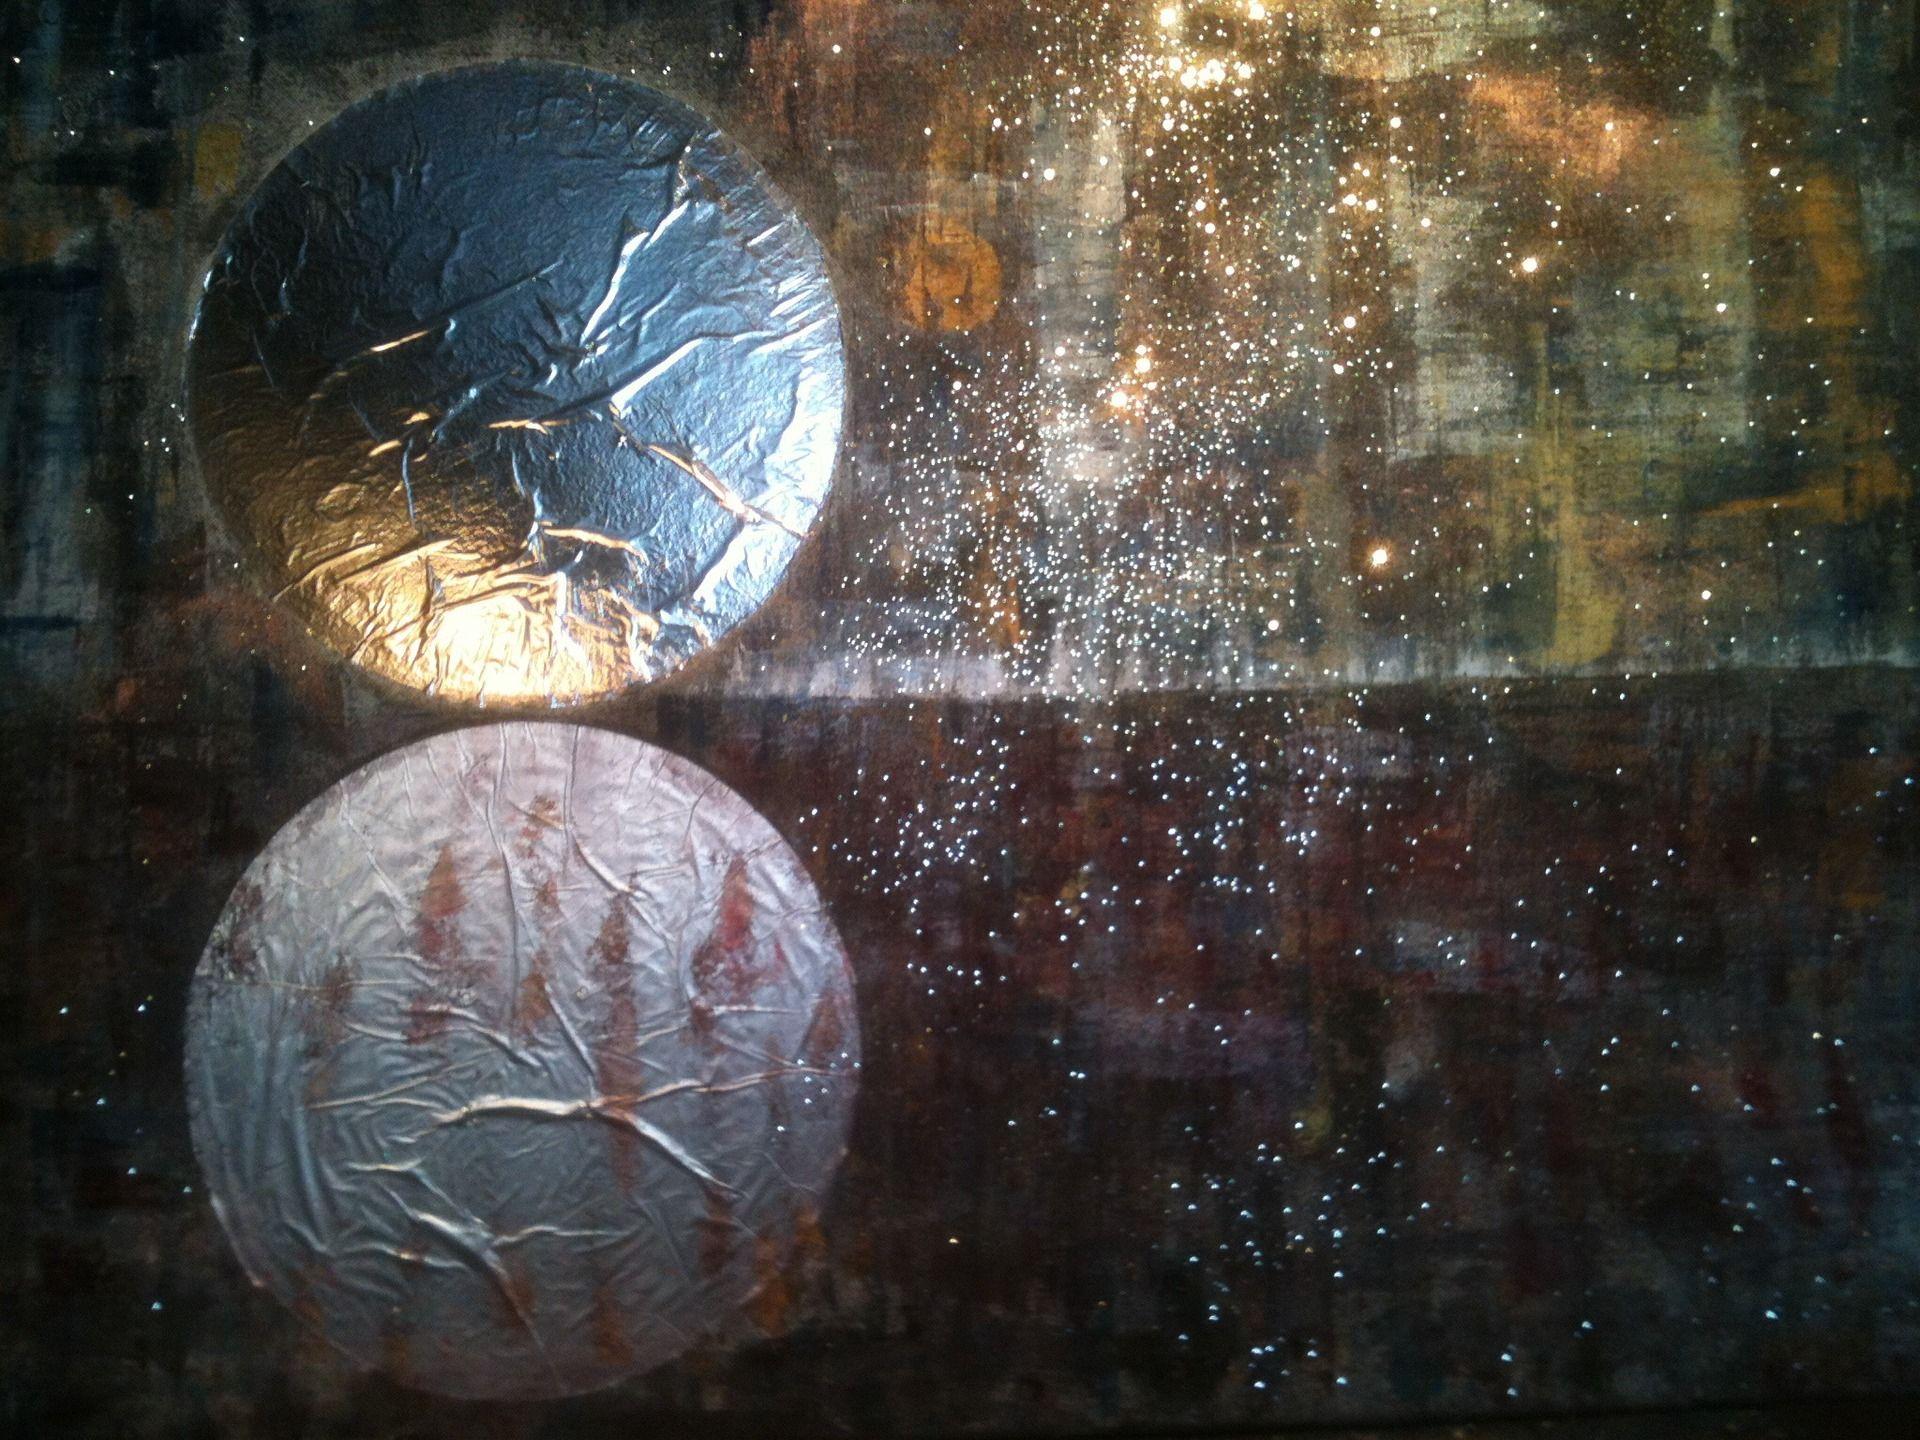 Art abstrait contemporain - Peinture à l'huile et au couteau. Technique mixte Toile tendue sur châssis 92x73cm Œuvre unique : Peintures par wilcox-peintures